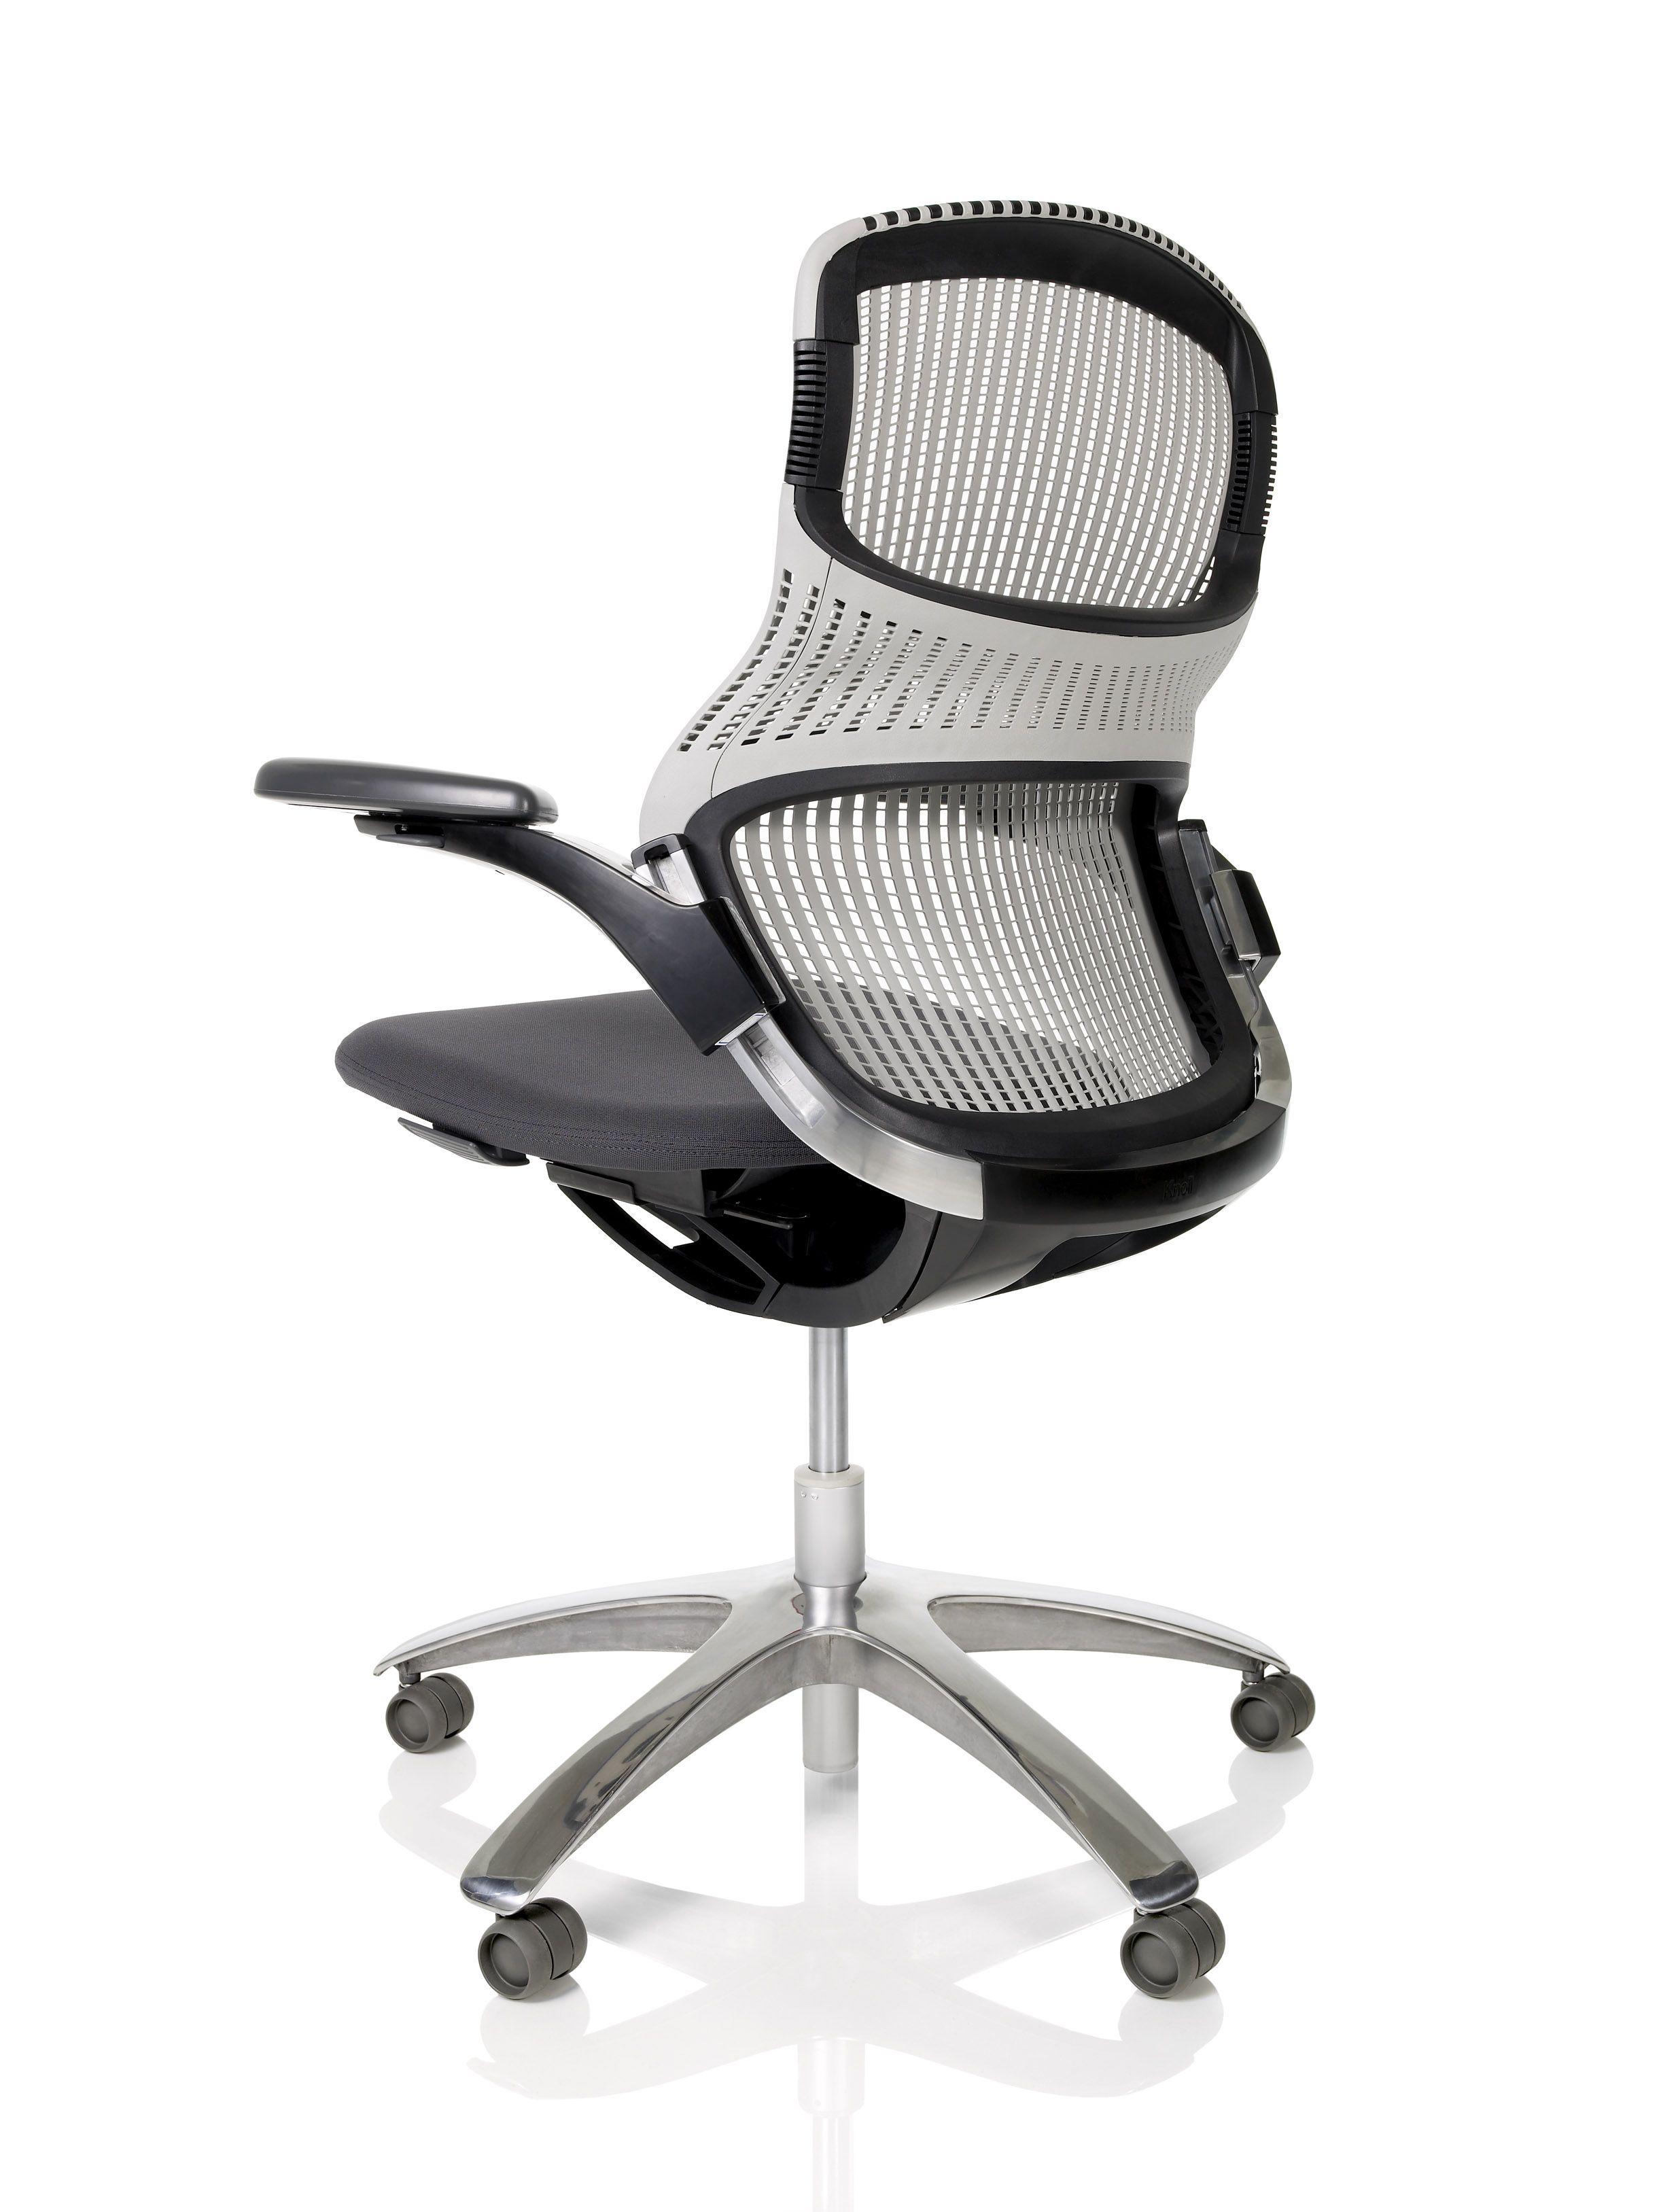 Pin On Knoll Office Chairs Bureaustoelen